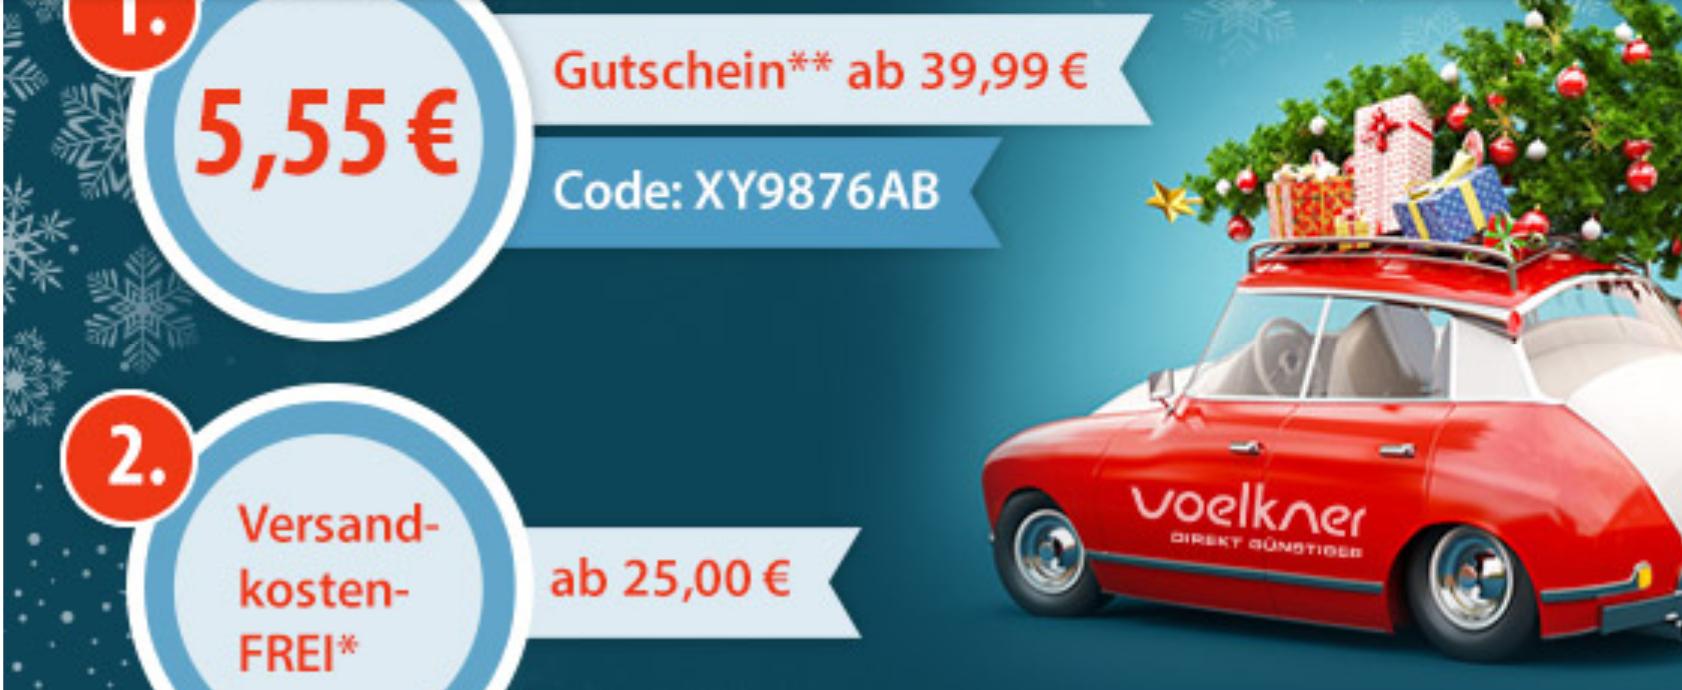 Voelkner - 5,55 Gutschein ab 39,99 Euro und kostenloser Versand ab 25 Euro